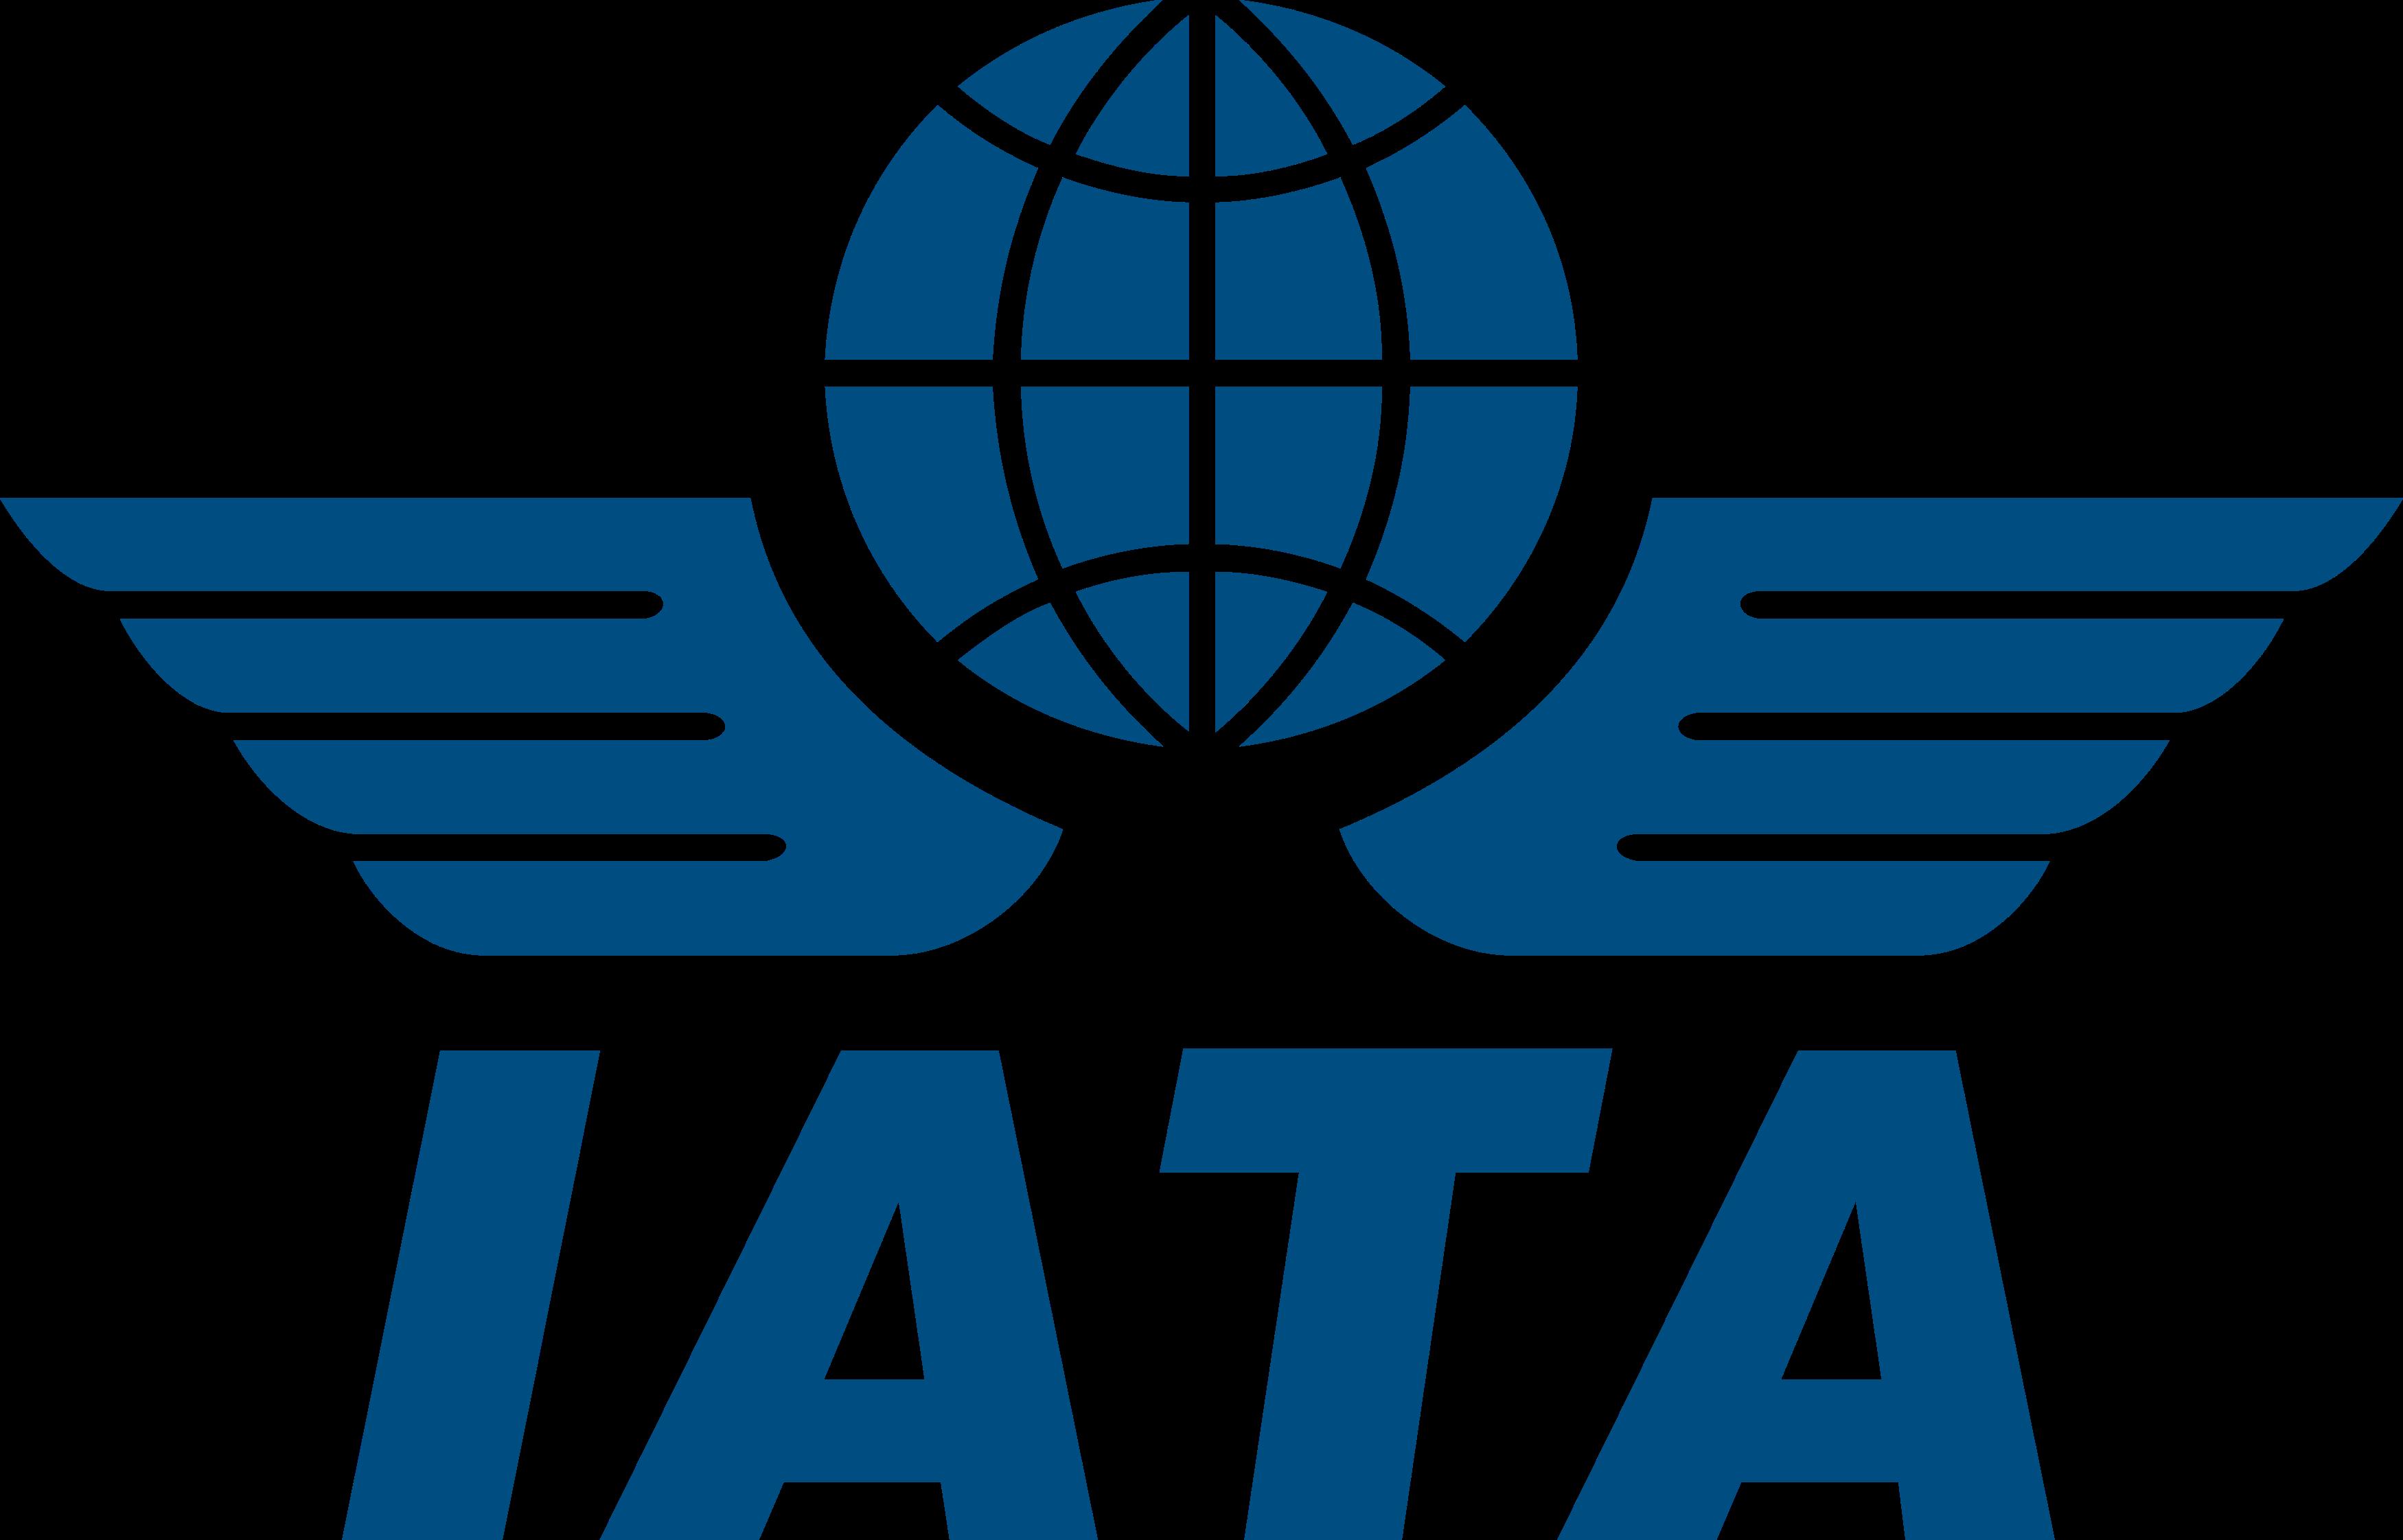 iata logo - IATA Logo - Associação Internacional de Transportes Aéreos Logo